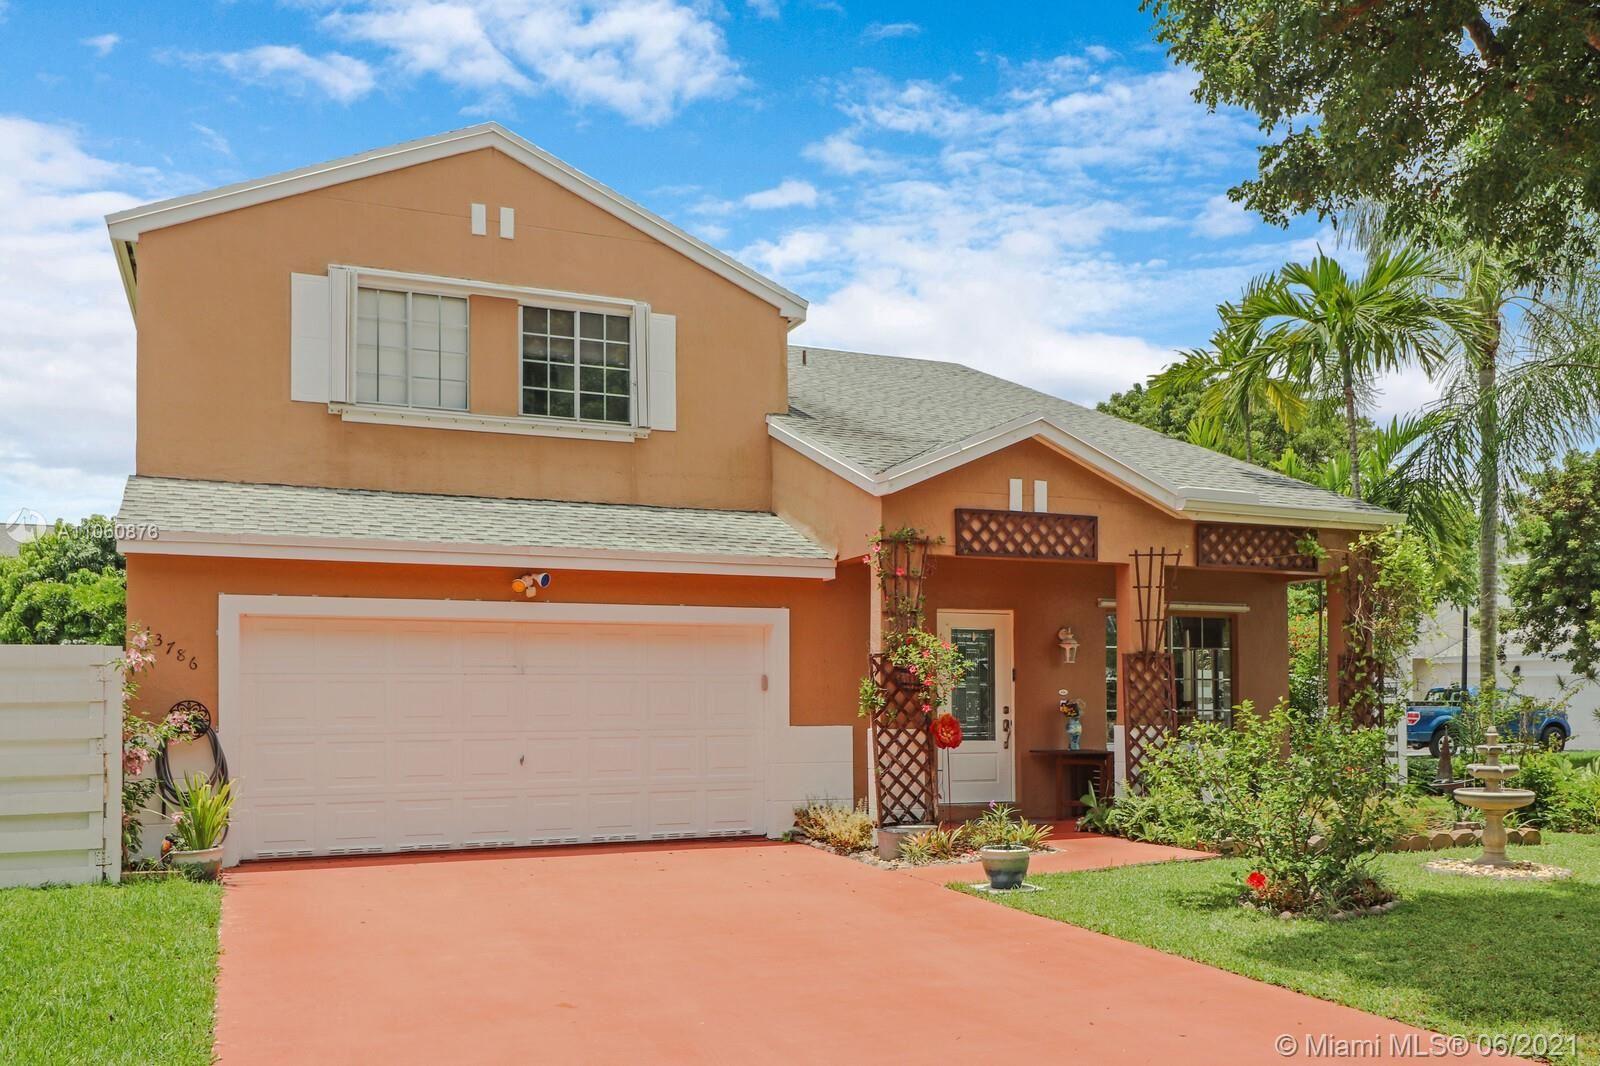 13786 SW 144th Ter, Miami, FL 33186 - #: A11060876